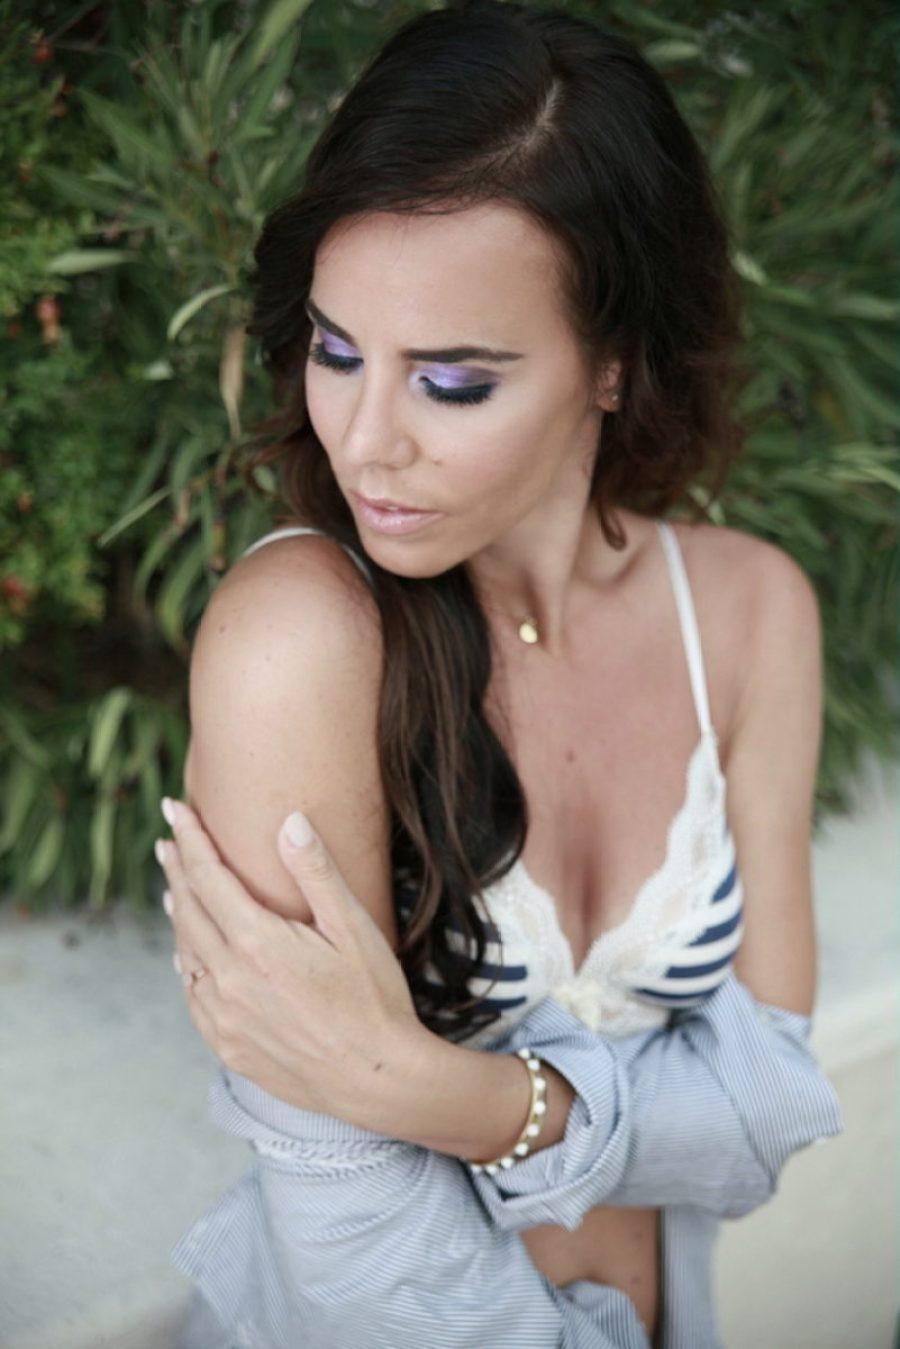 Foto and make-up: Biljana Babic